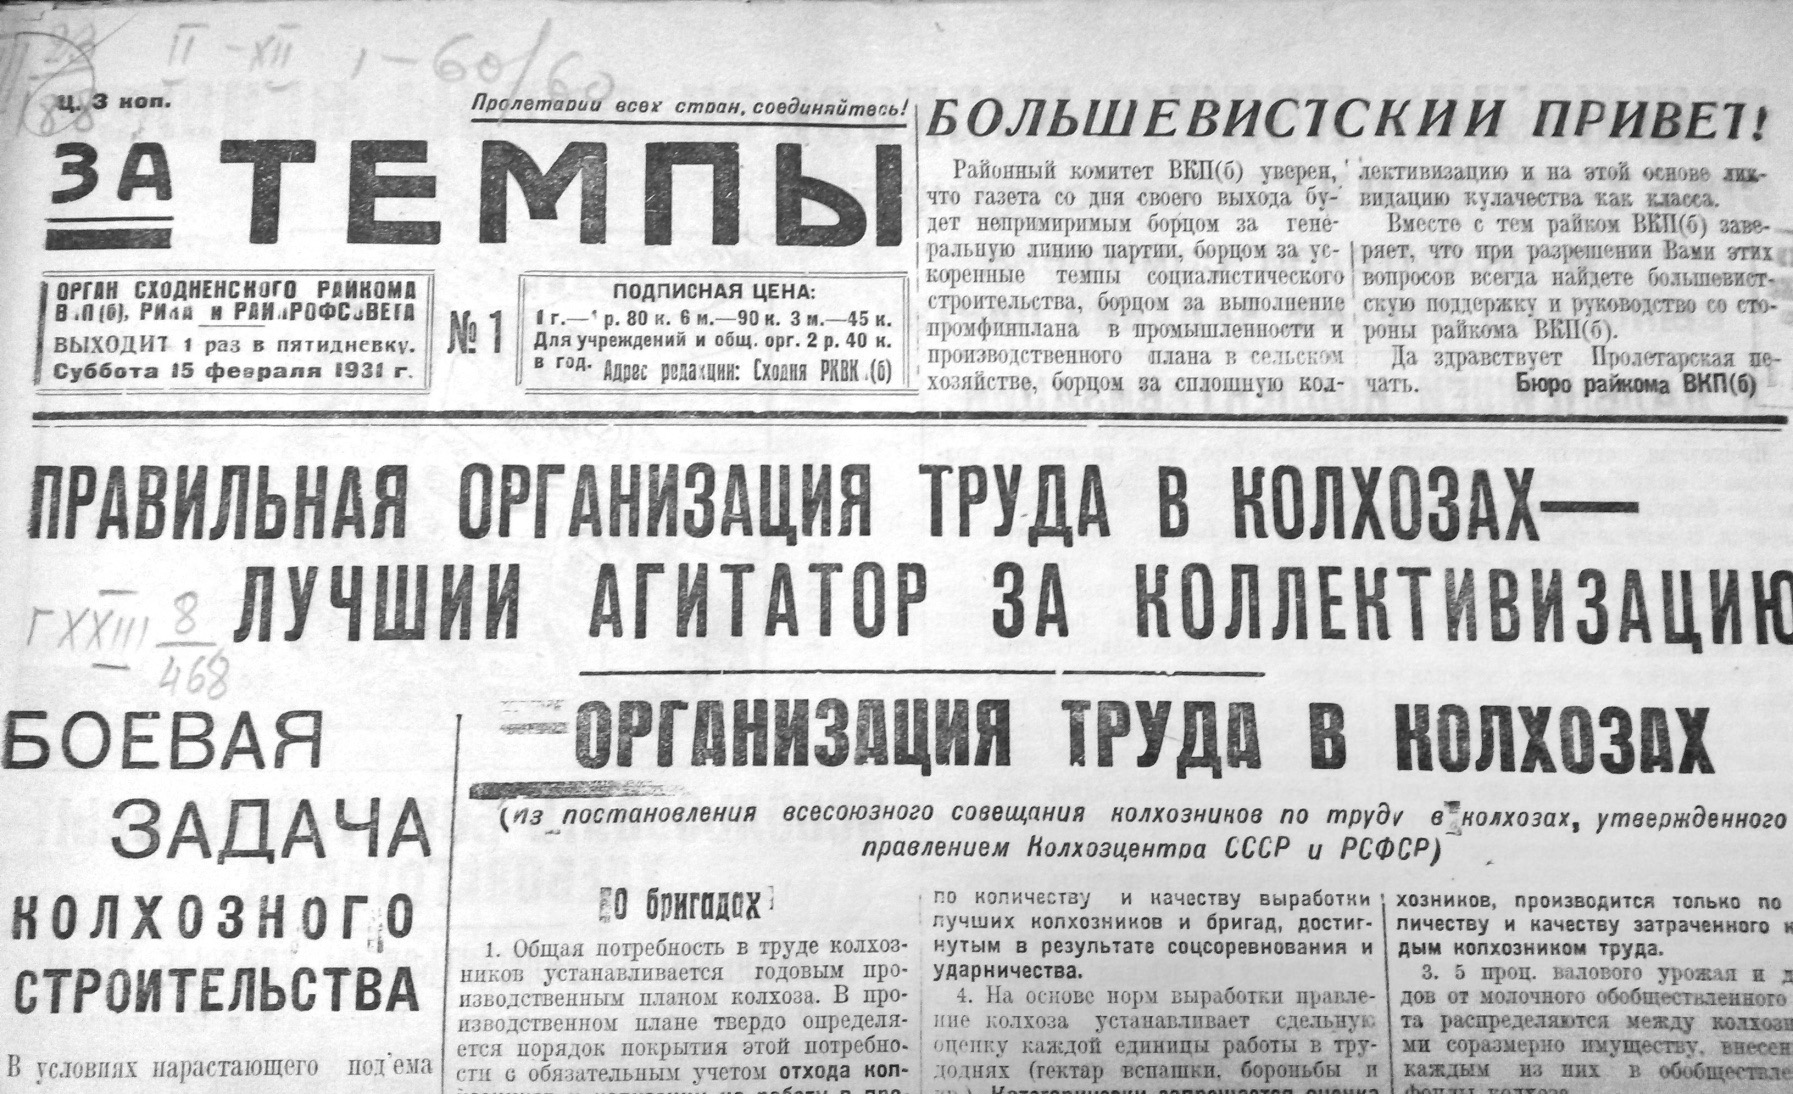 Рис. 1 Первый номер газеты «За темпы»